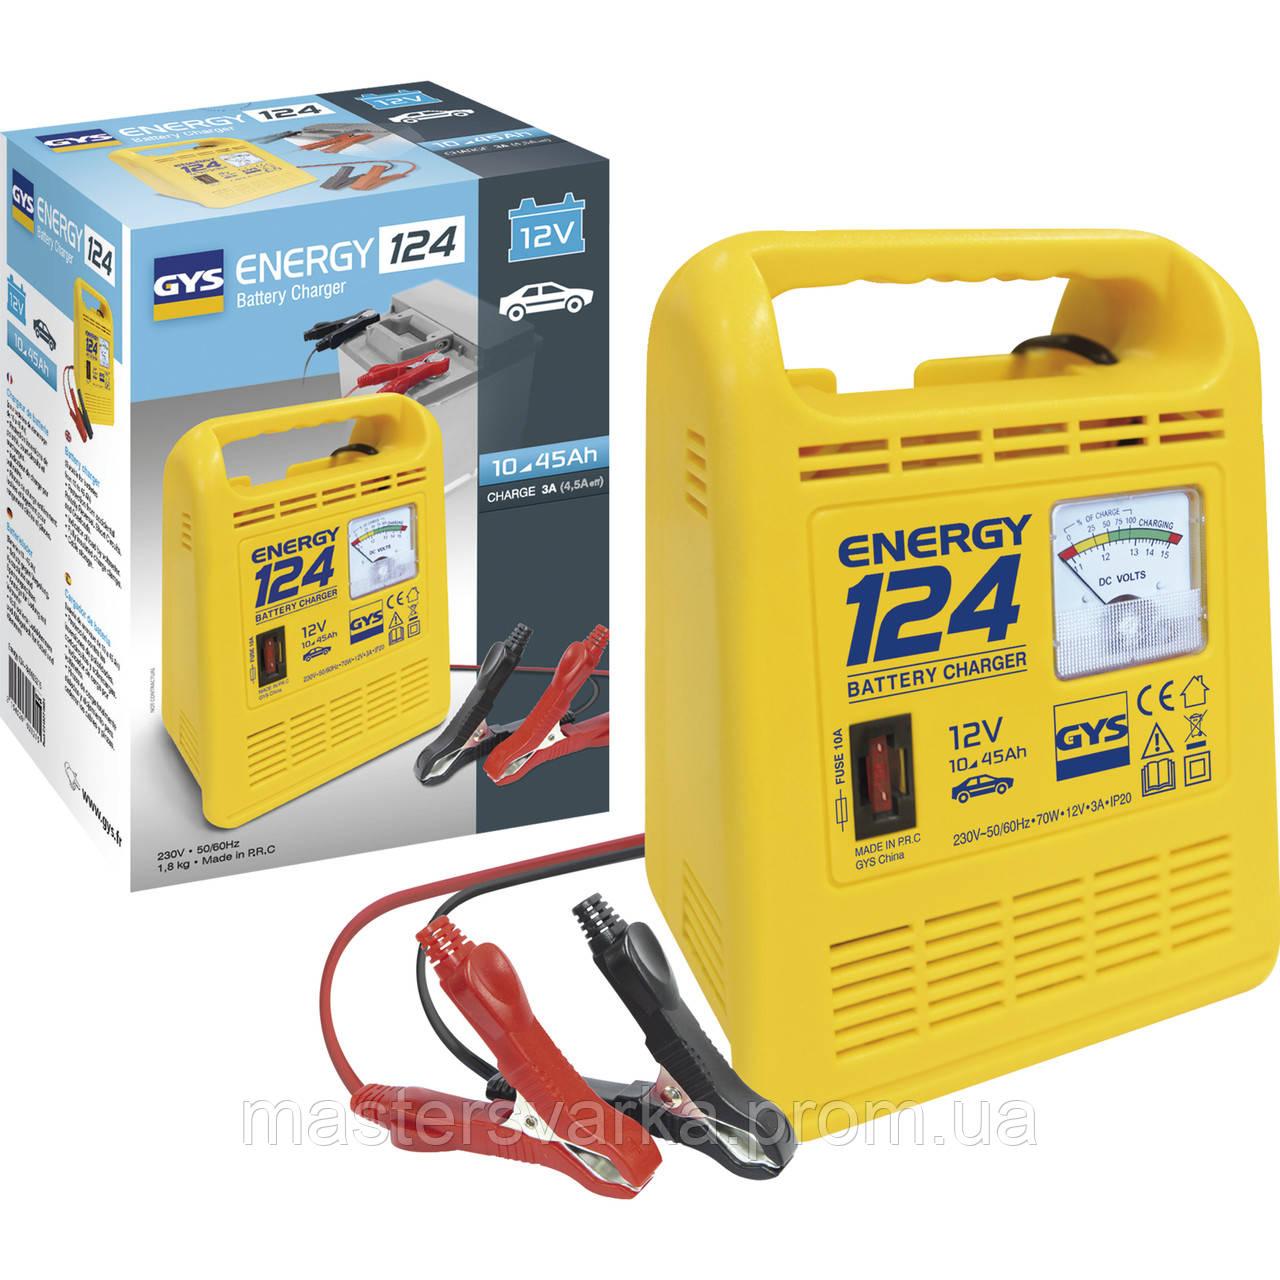 Зарядное устройство GYS ENERGY 124 для свинцовых аккумуляторов